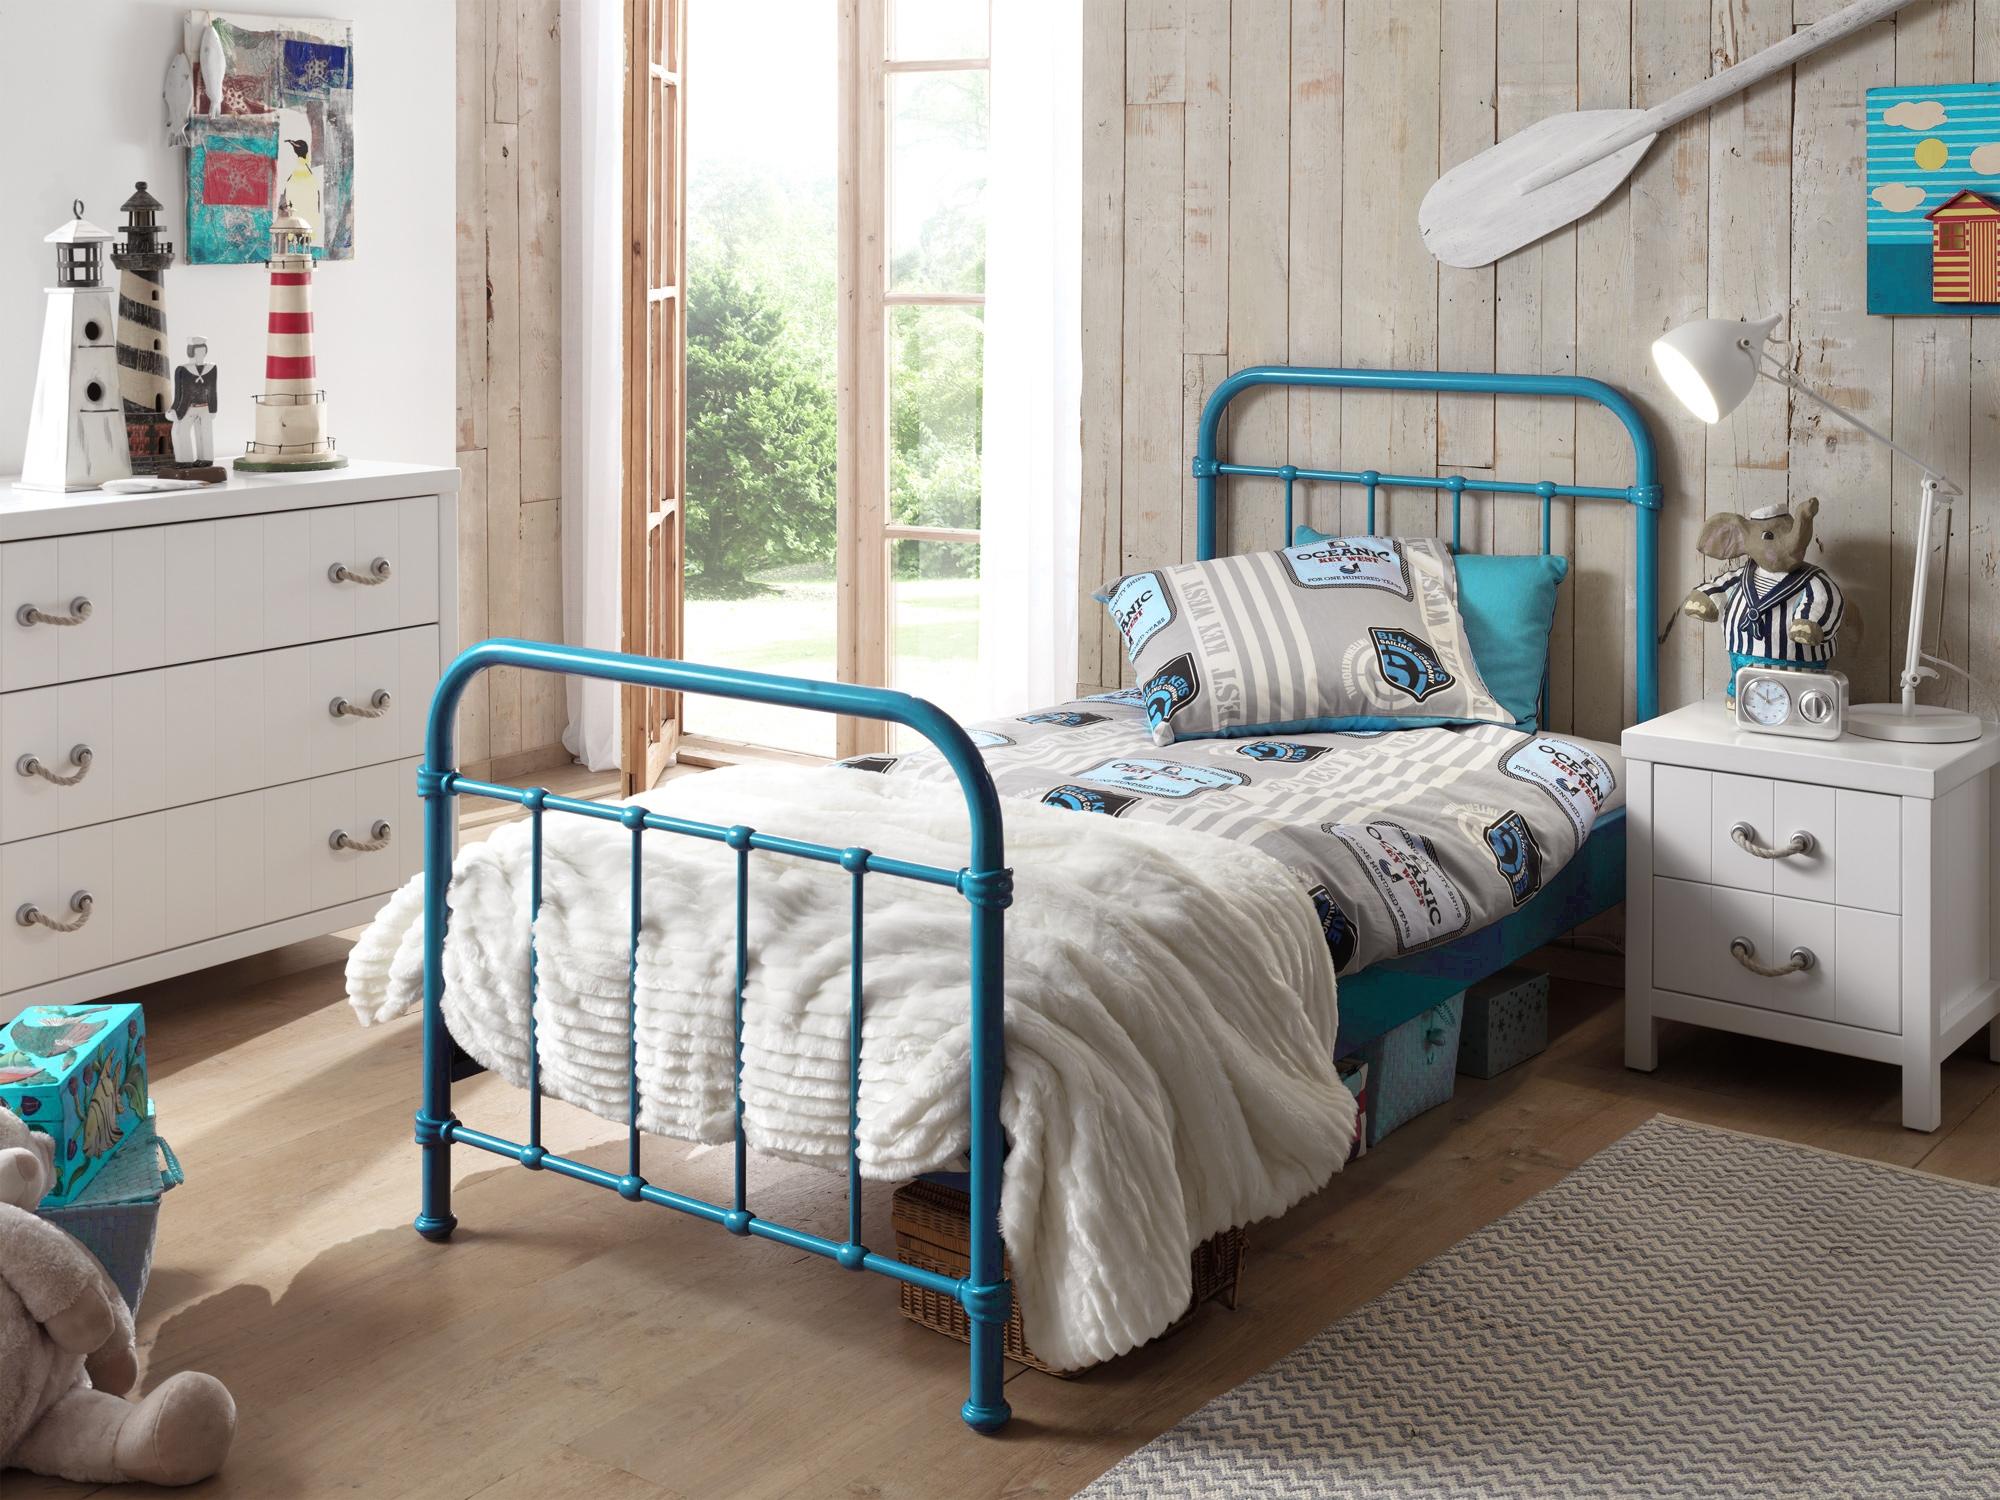 lit en m tal london pour un style r solument industriel. Black Bedroom Furniture Sets. Home Design Ideas